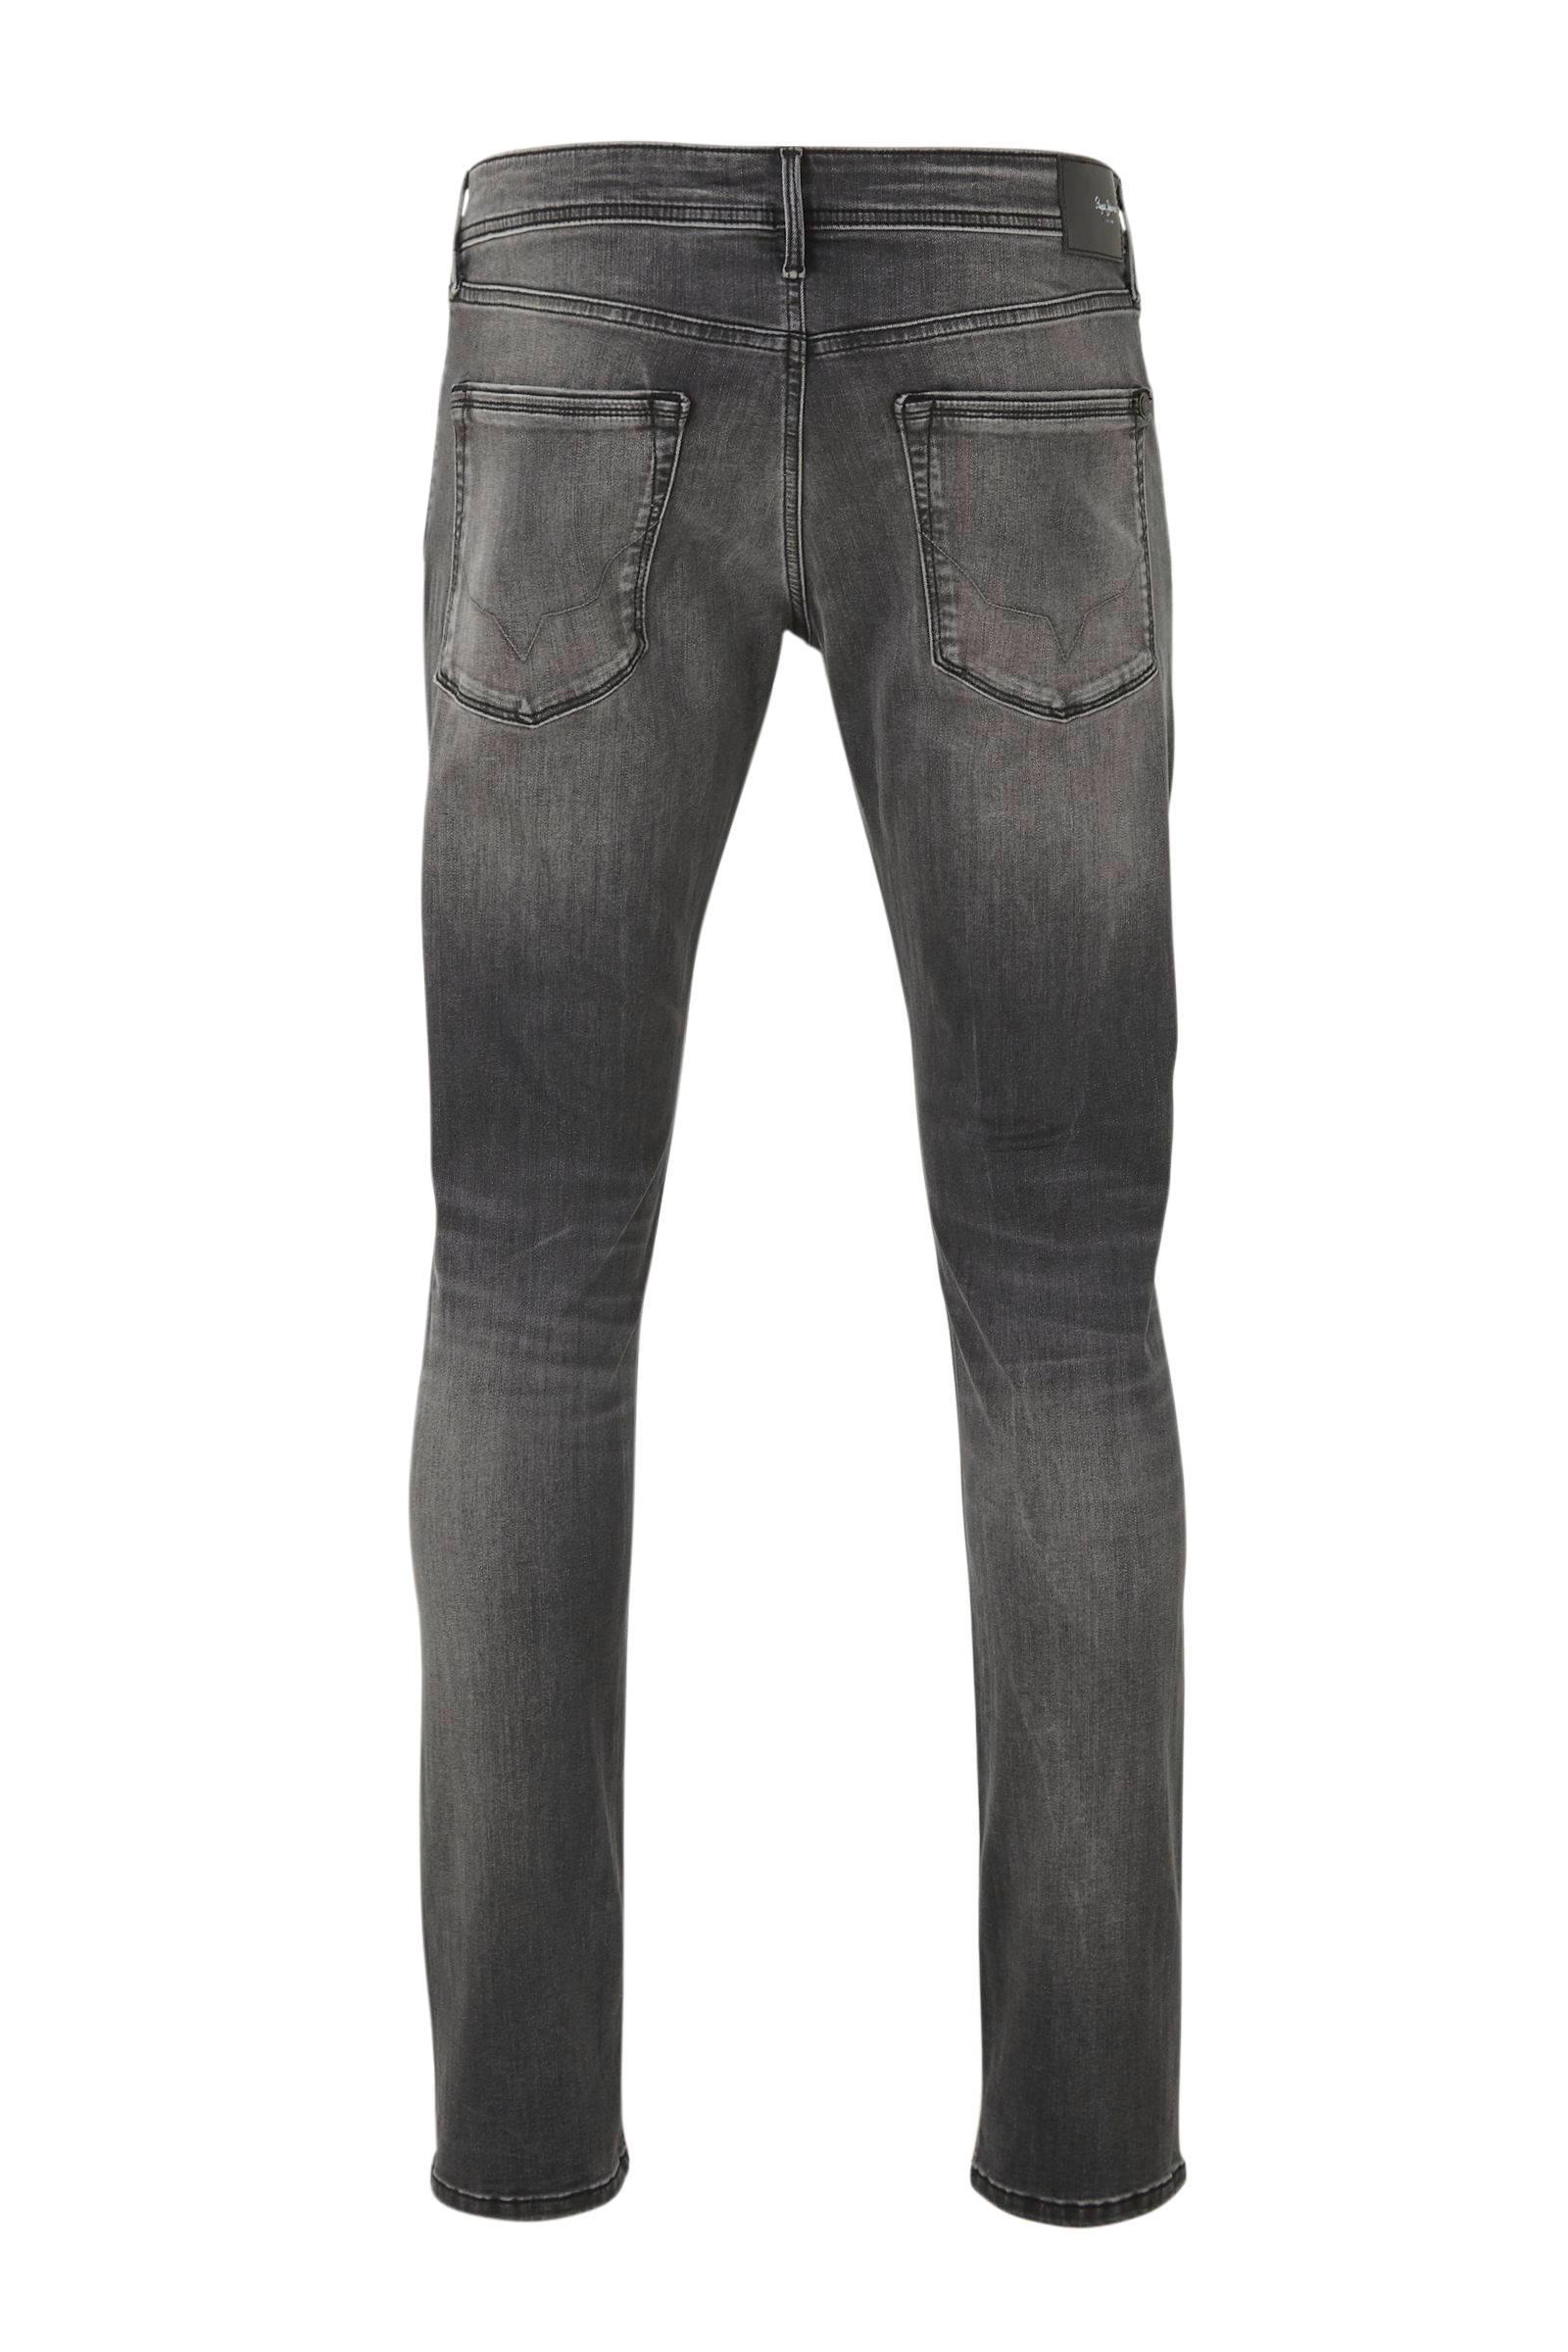 Pepe Jeans Denim Regular Fit Jeans Stanley in het Grijs voor heren